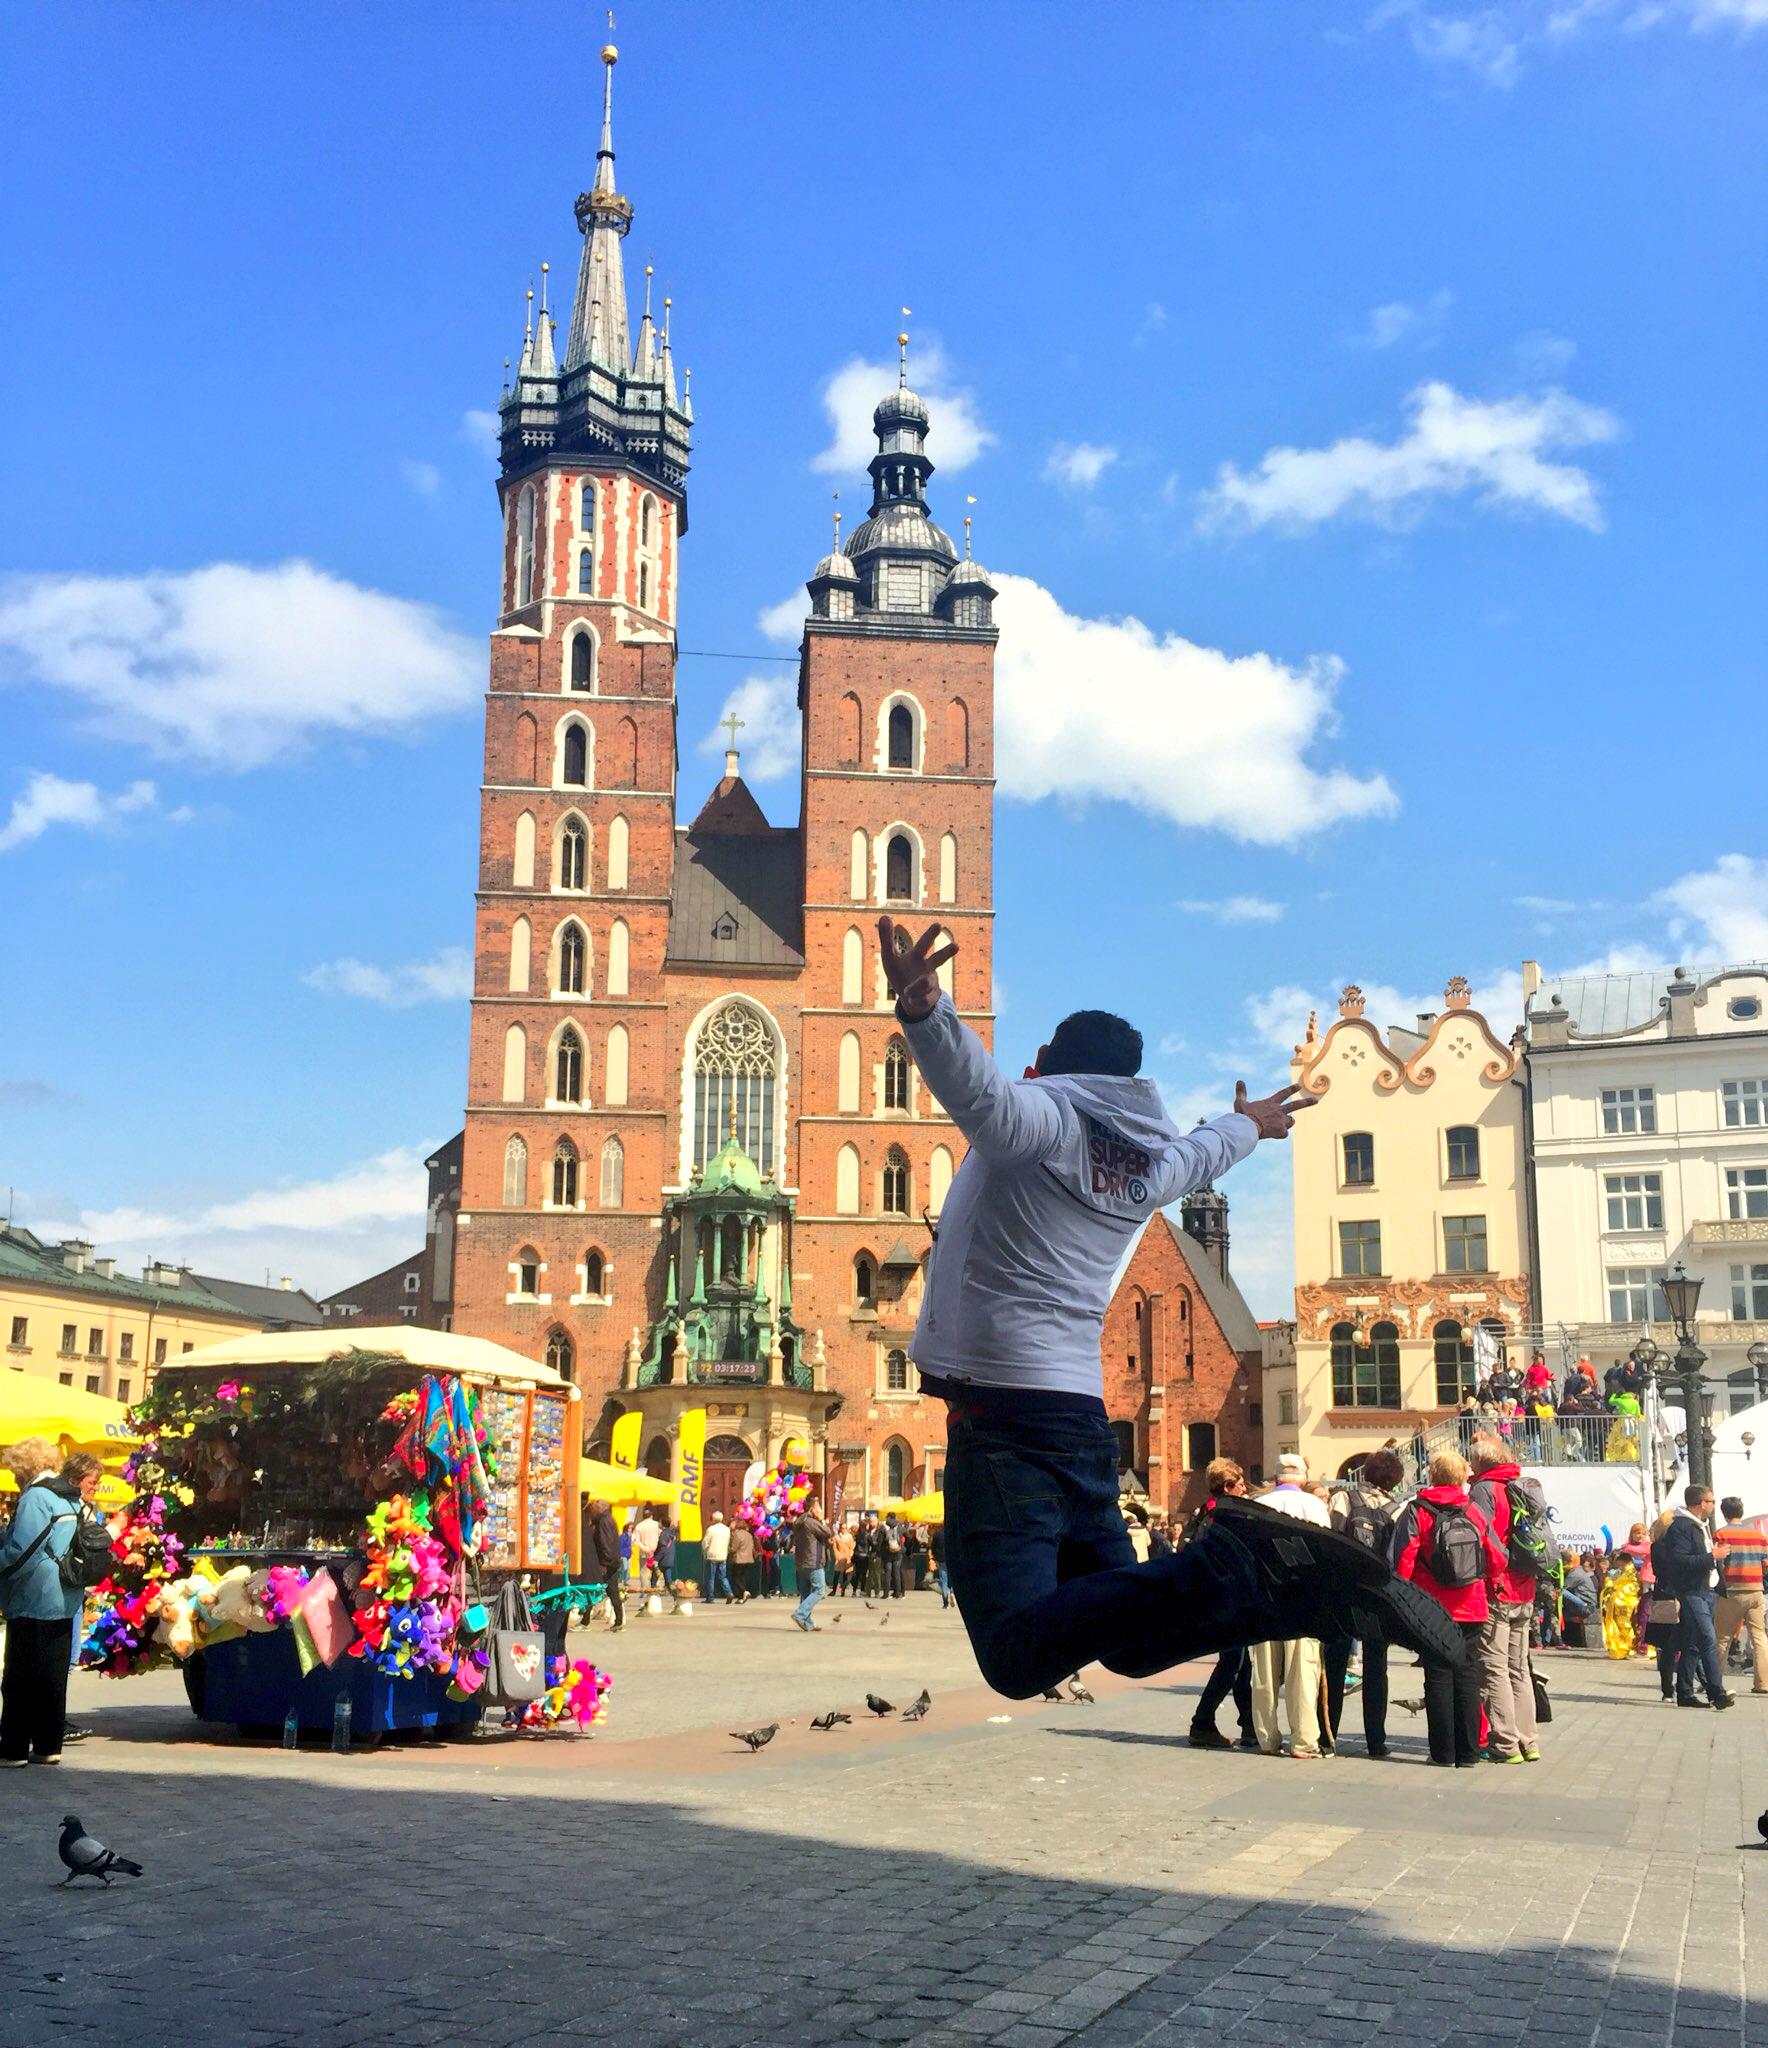 Qué ver en Cracovia, Krakow, Polonia, Poland qué ver en cracovia - 38652465710 565f600f1c o - Qué ver en Cracovia, Polonia